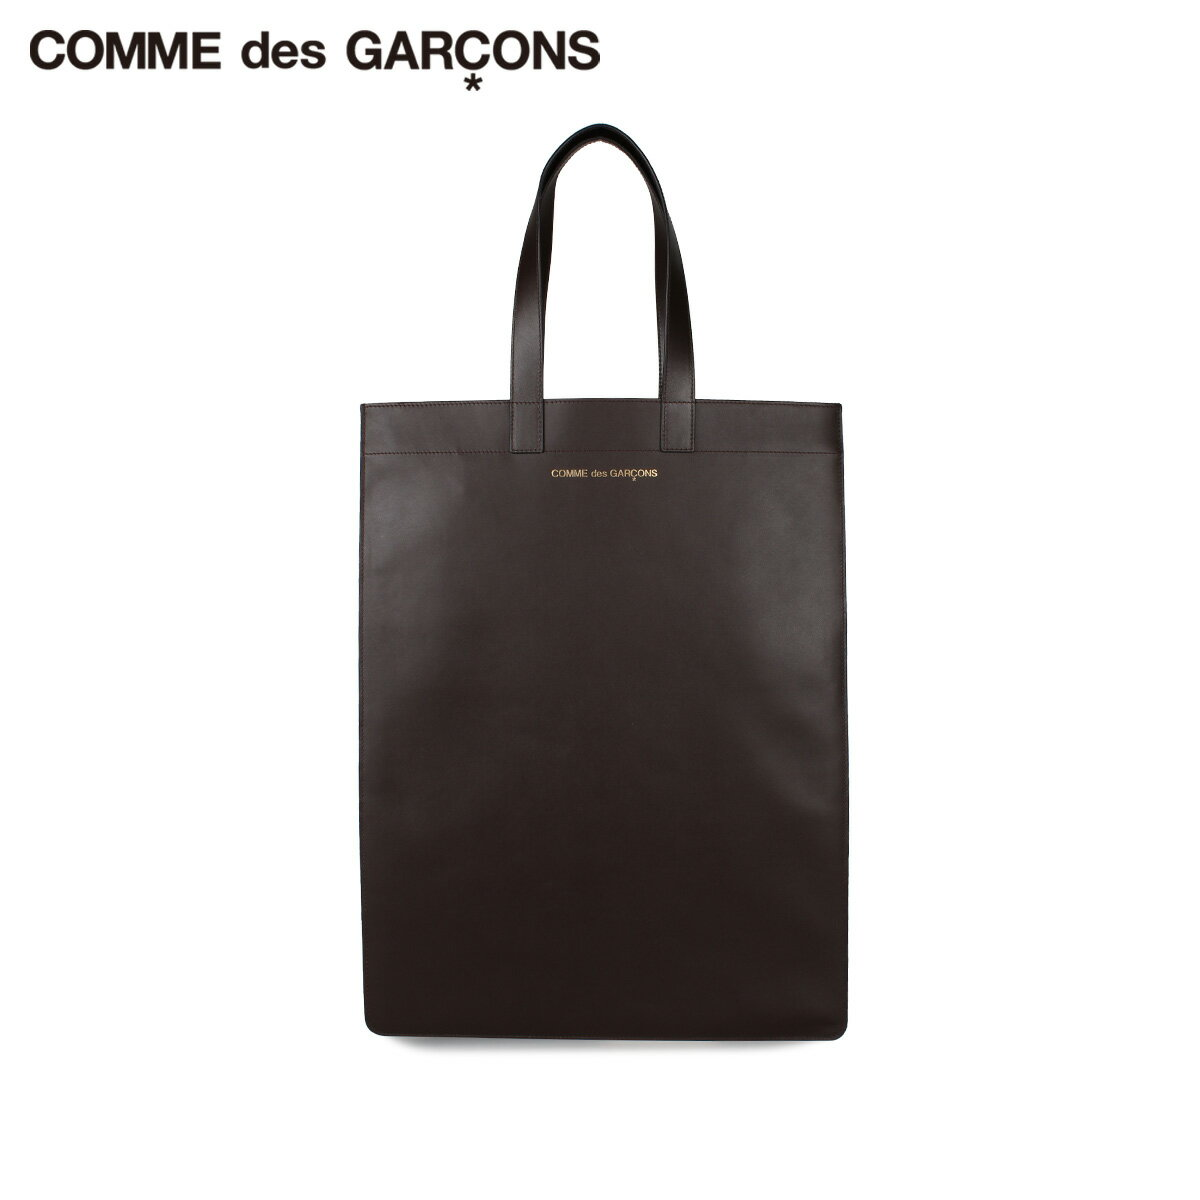 男女兼用バッグ, トートバッグ 1000OFF COMME des GARCONS TOTE BAG SA9002